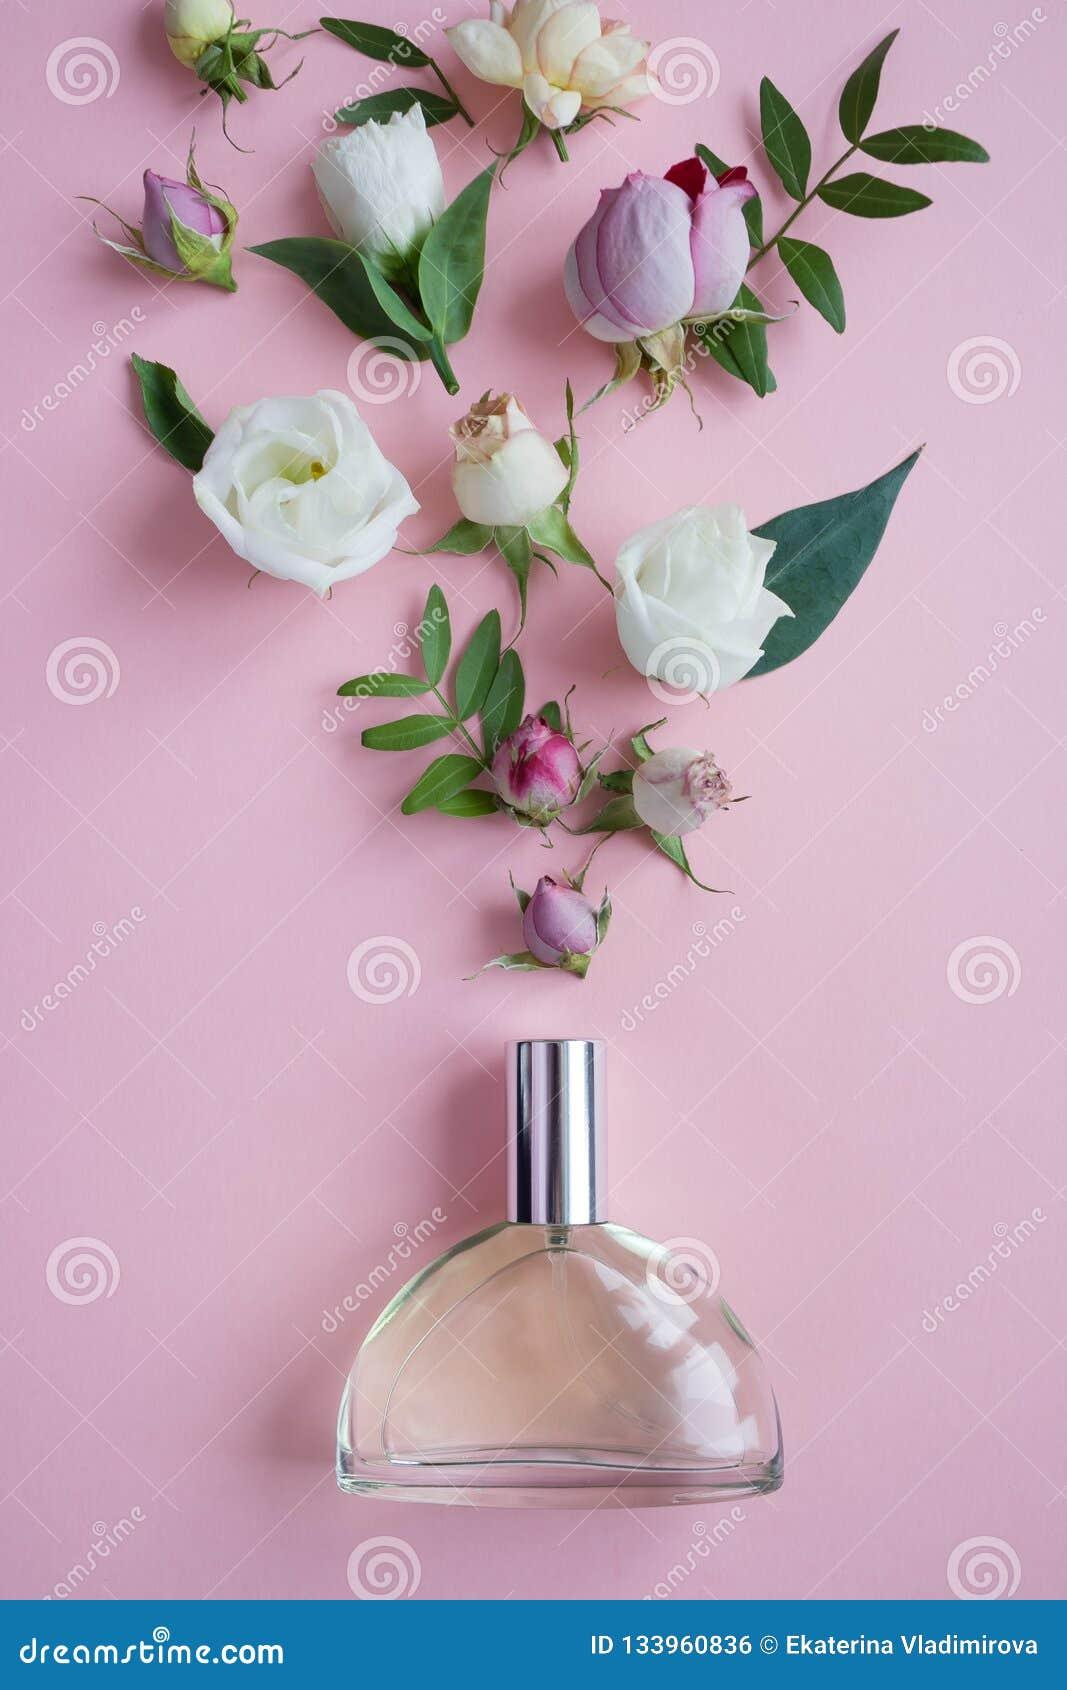 Der glückliche Tag der Mutter! Kartenkonzept Blumen, Duft, Parfüm auf rosa Hintergrund